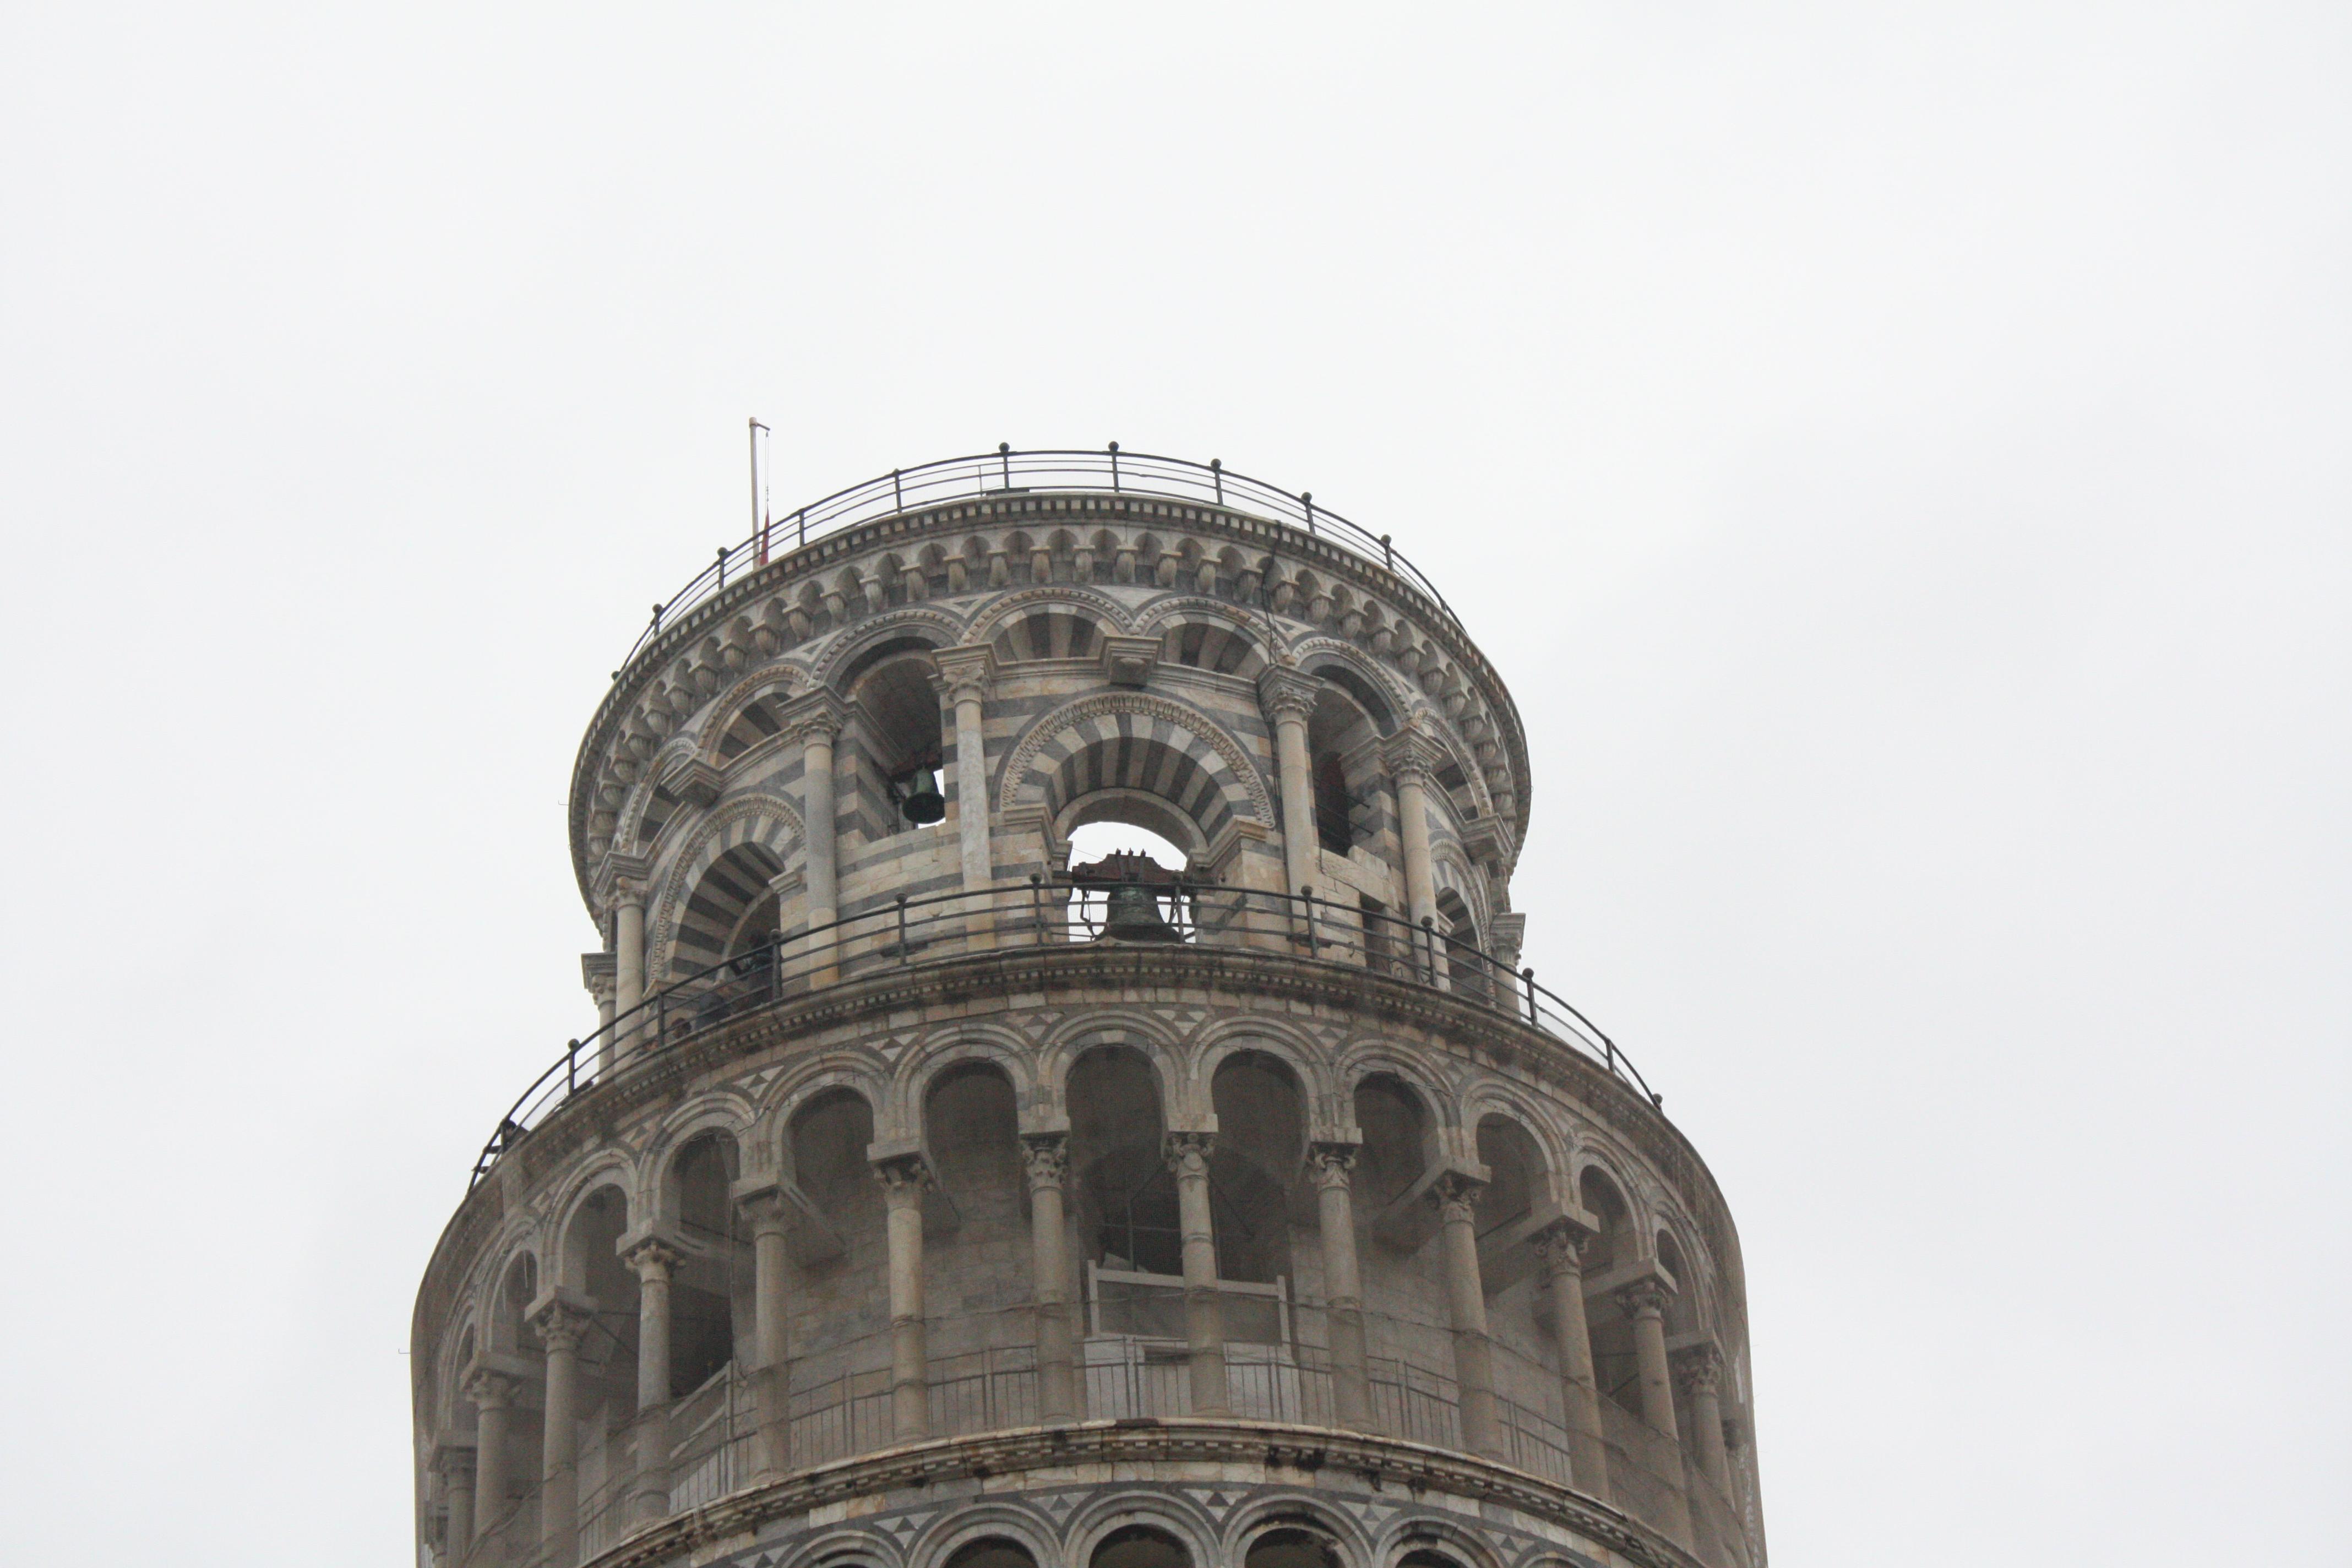 Lantai teratas menara Pisa